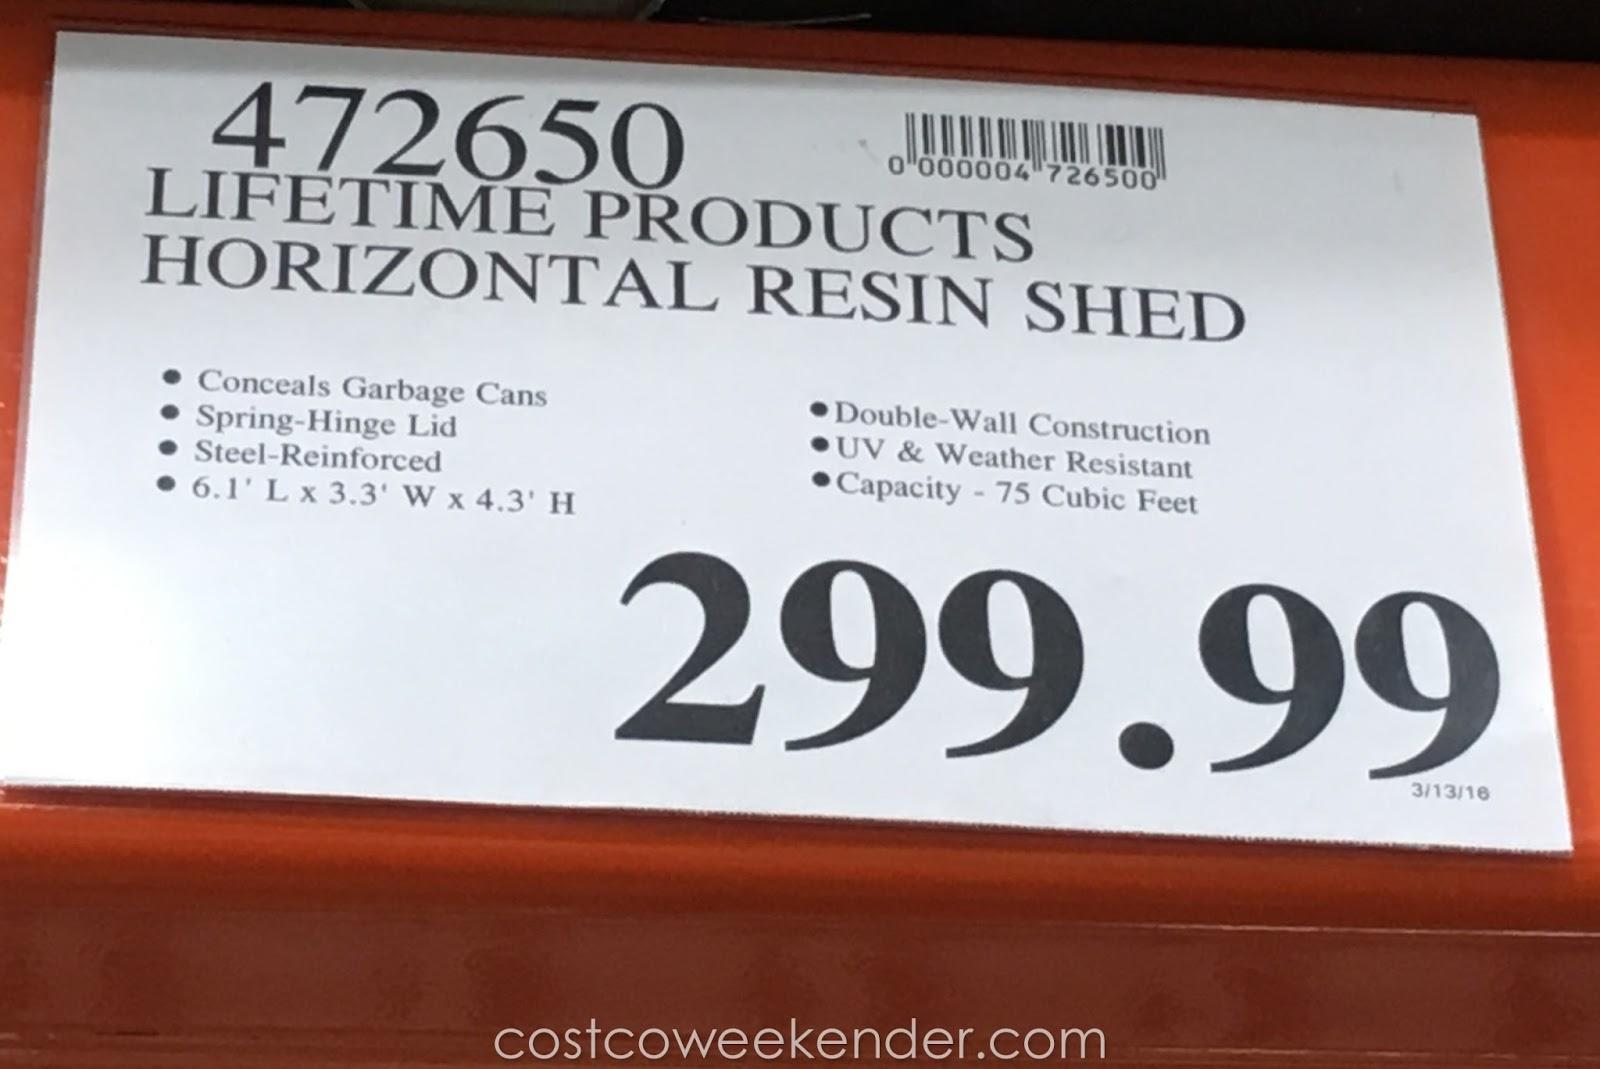 Lifetime Horizontal Resin Storage Shed Costco Weekender